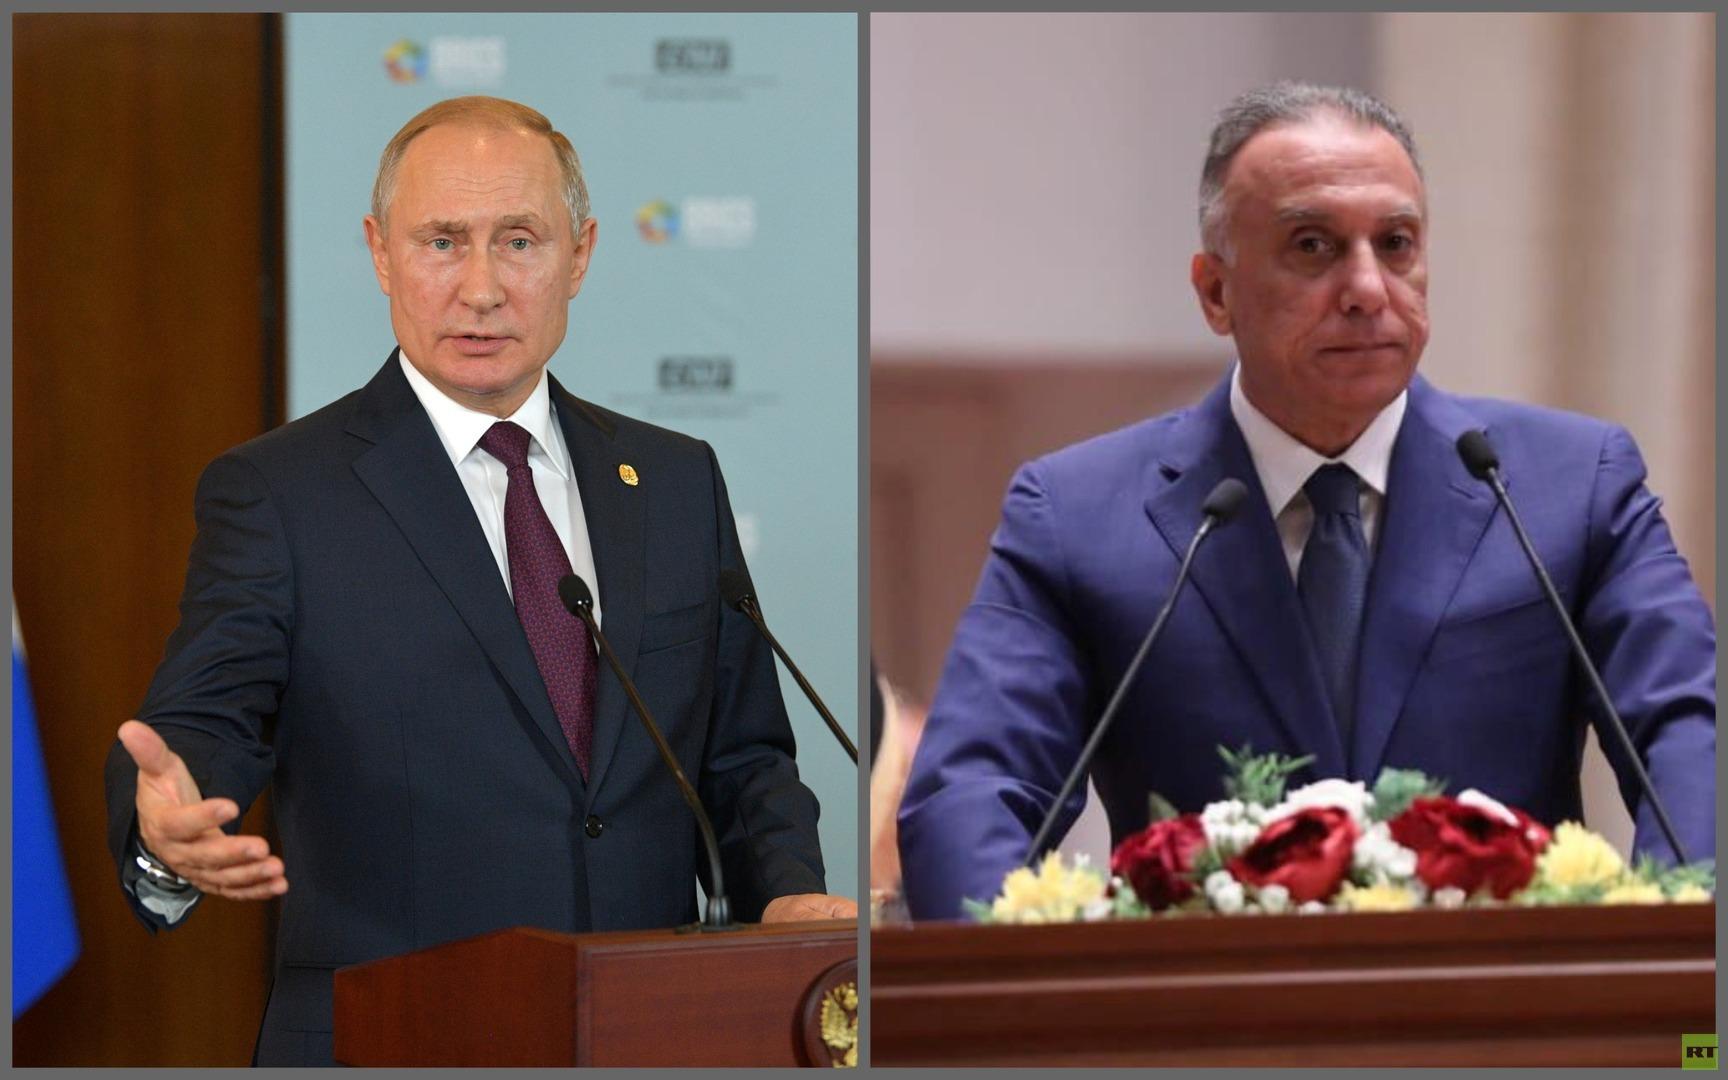 الكاظمي لمبعوث بوتين: الطموح للارتقاء بالعلاقات الثنائية أكبر من الواقع الحالي